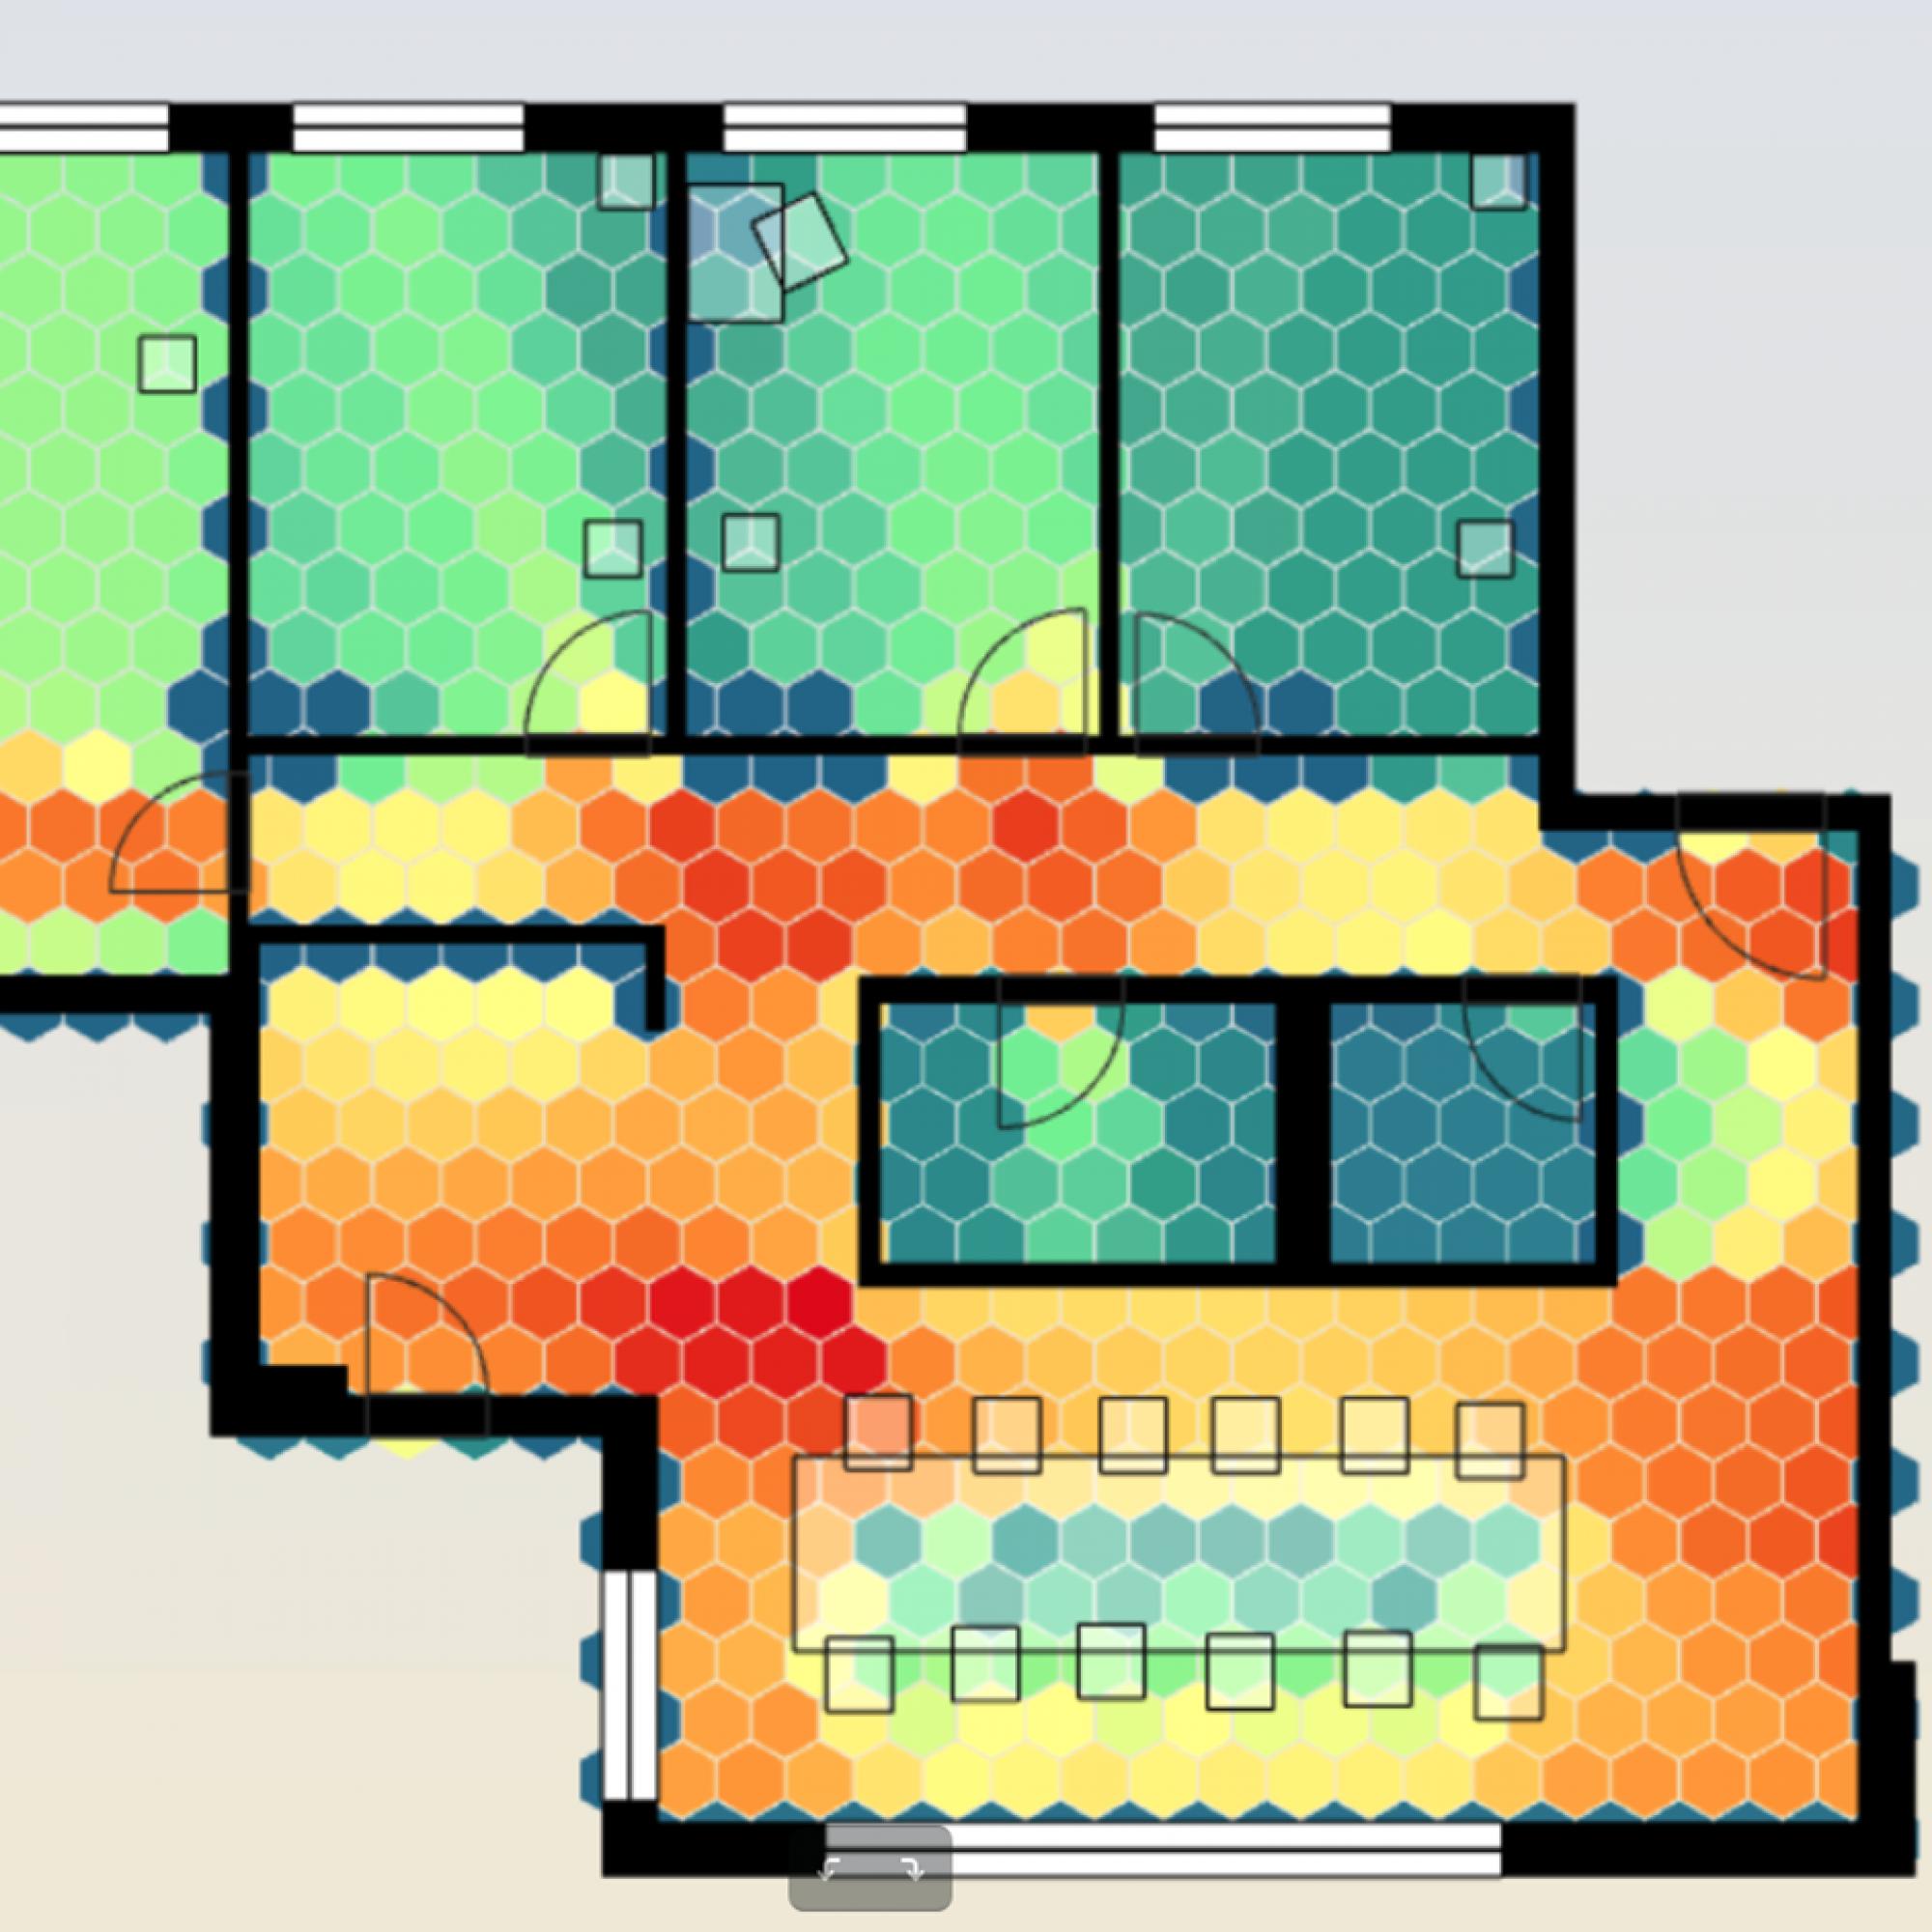 Die Heatmap zeigt den Isovist, ein Sichtbarkeitsmass, das zur Bewertung visueller Kontrollen sowie der Privatheit verwendet wird. Bei den roten Bereichen ist der Überblick besser, in «kälteren» dafür privater.